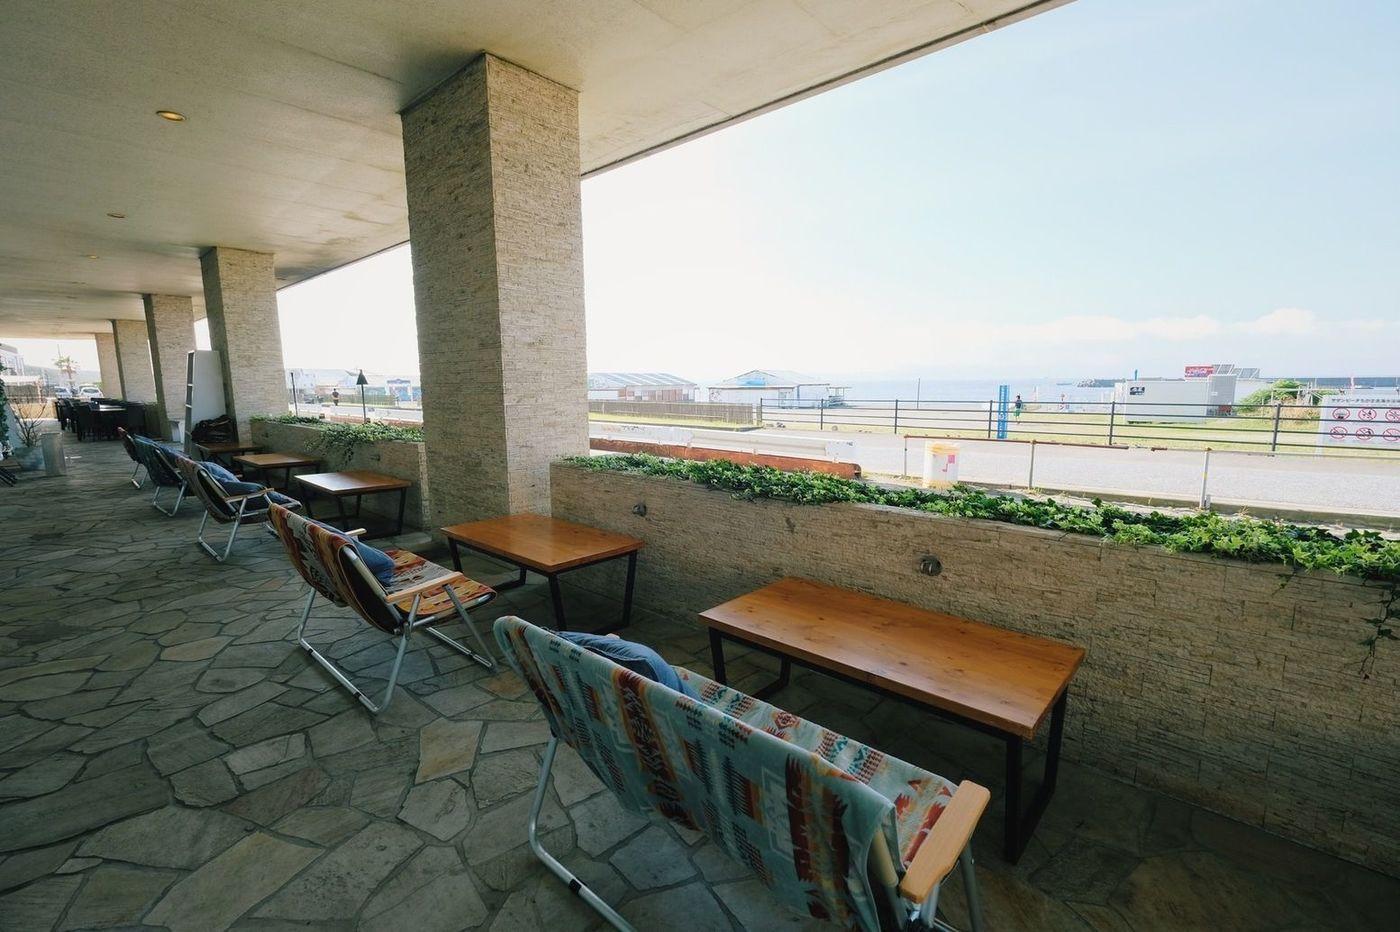 【茅ヶ崎】おすすめ観光スポット8選!グルメや穴場情報もご紹介の画像